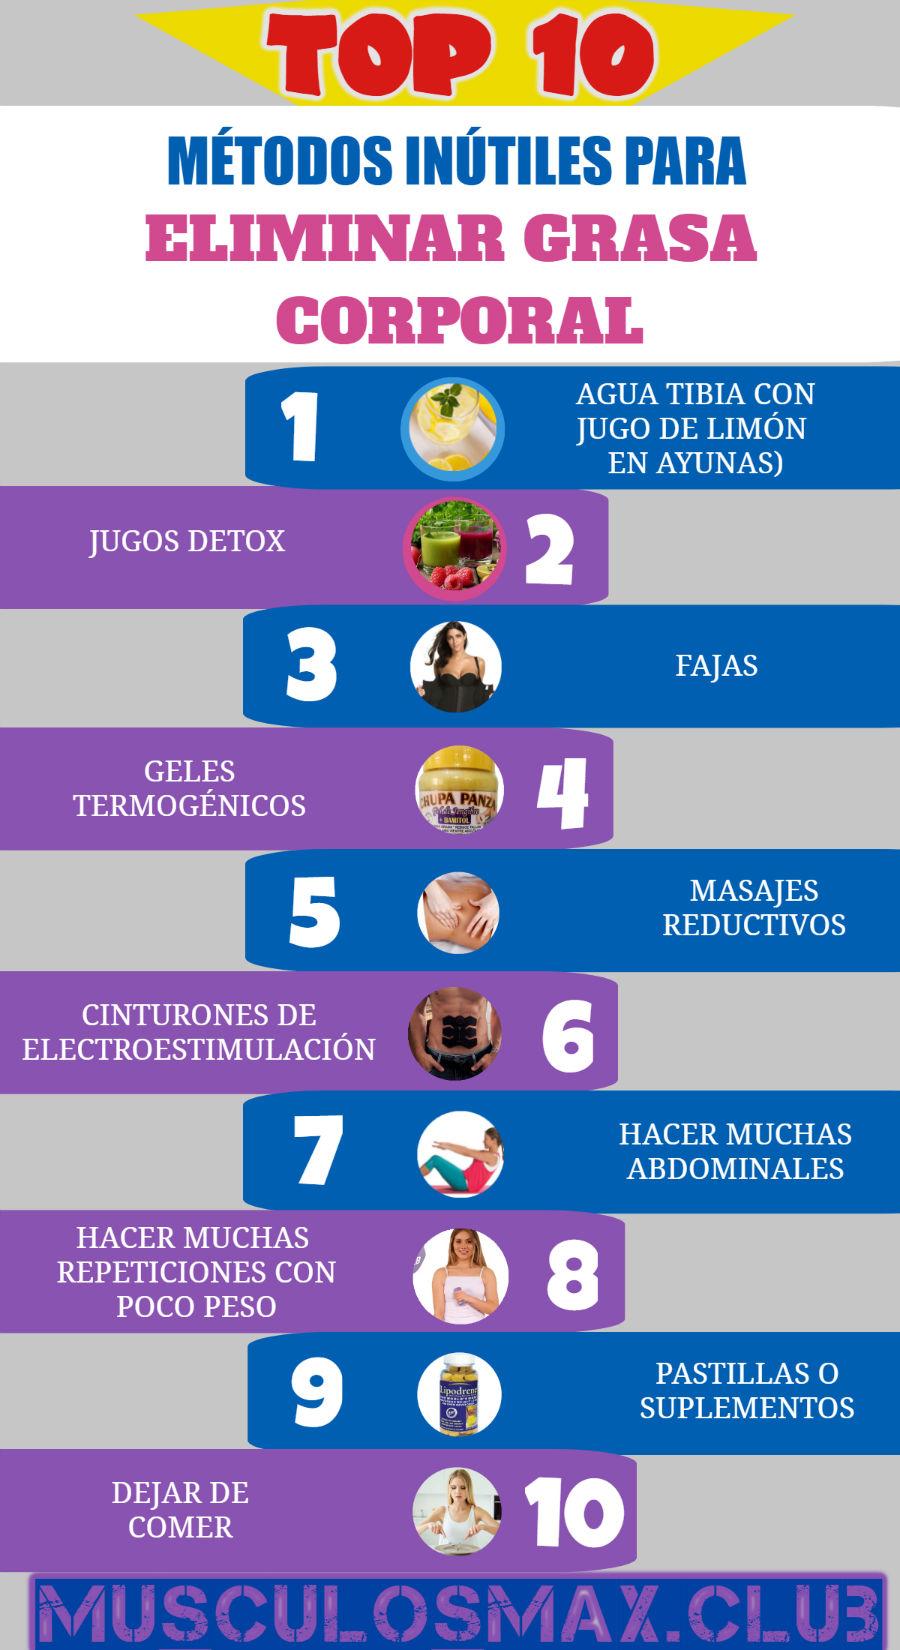 Top 10 métodos inútiles para eliminar grasa corporal